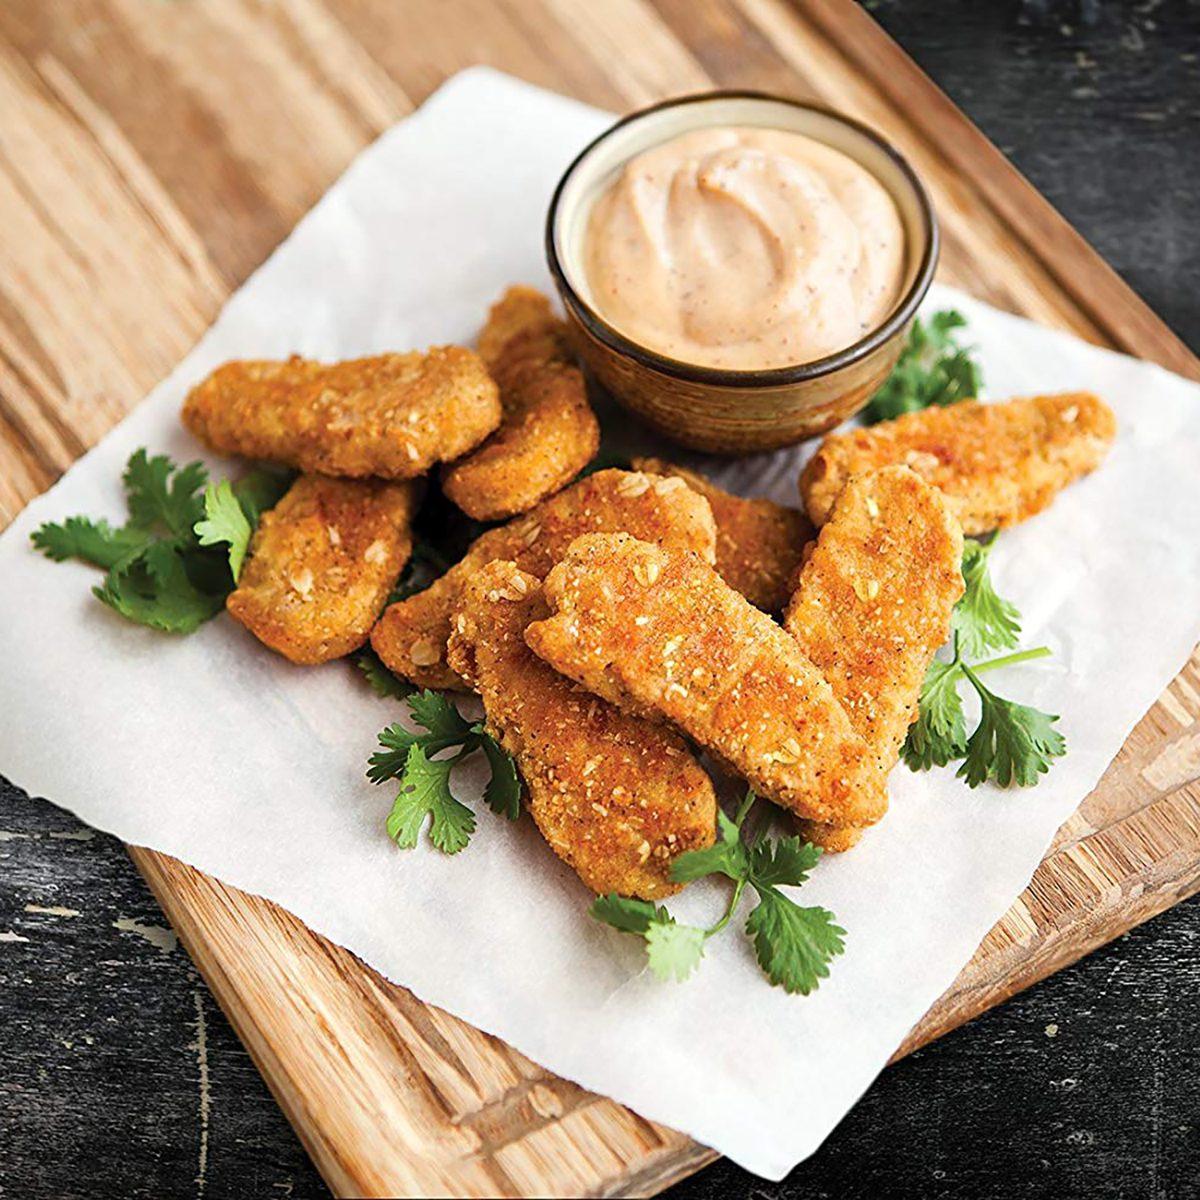 Gardein chicken tenders with sauce